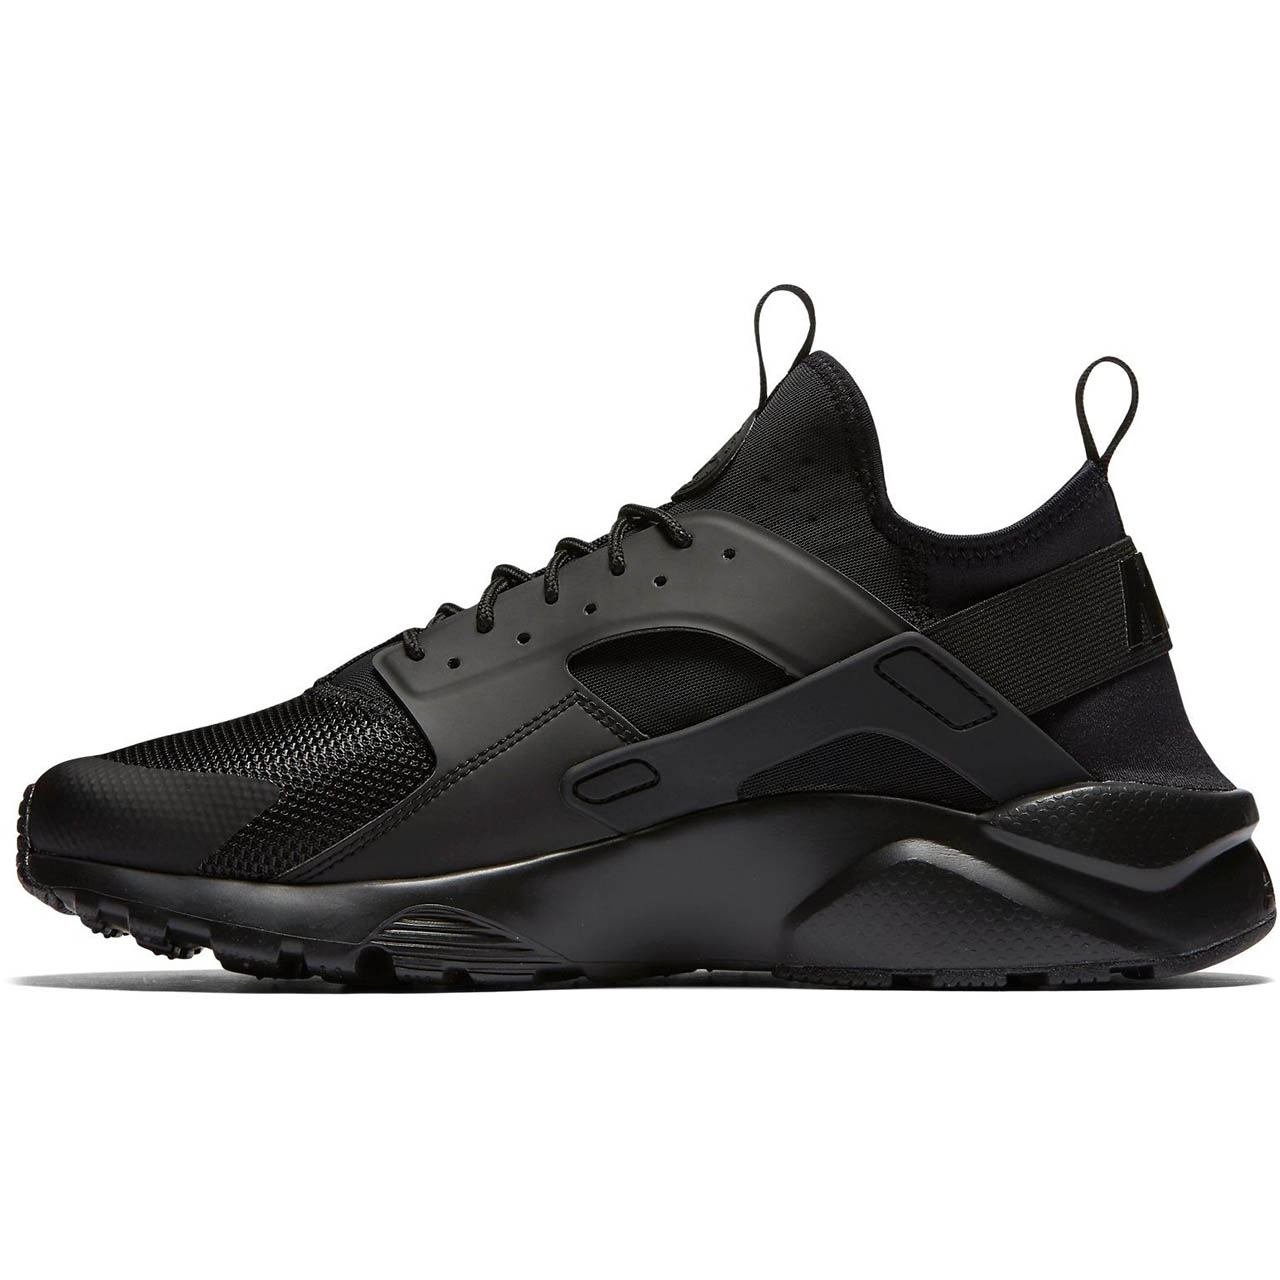 قیمت کفش مخصوص دویدن مردانه نایکی مدل Huarache کد 002-819685